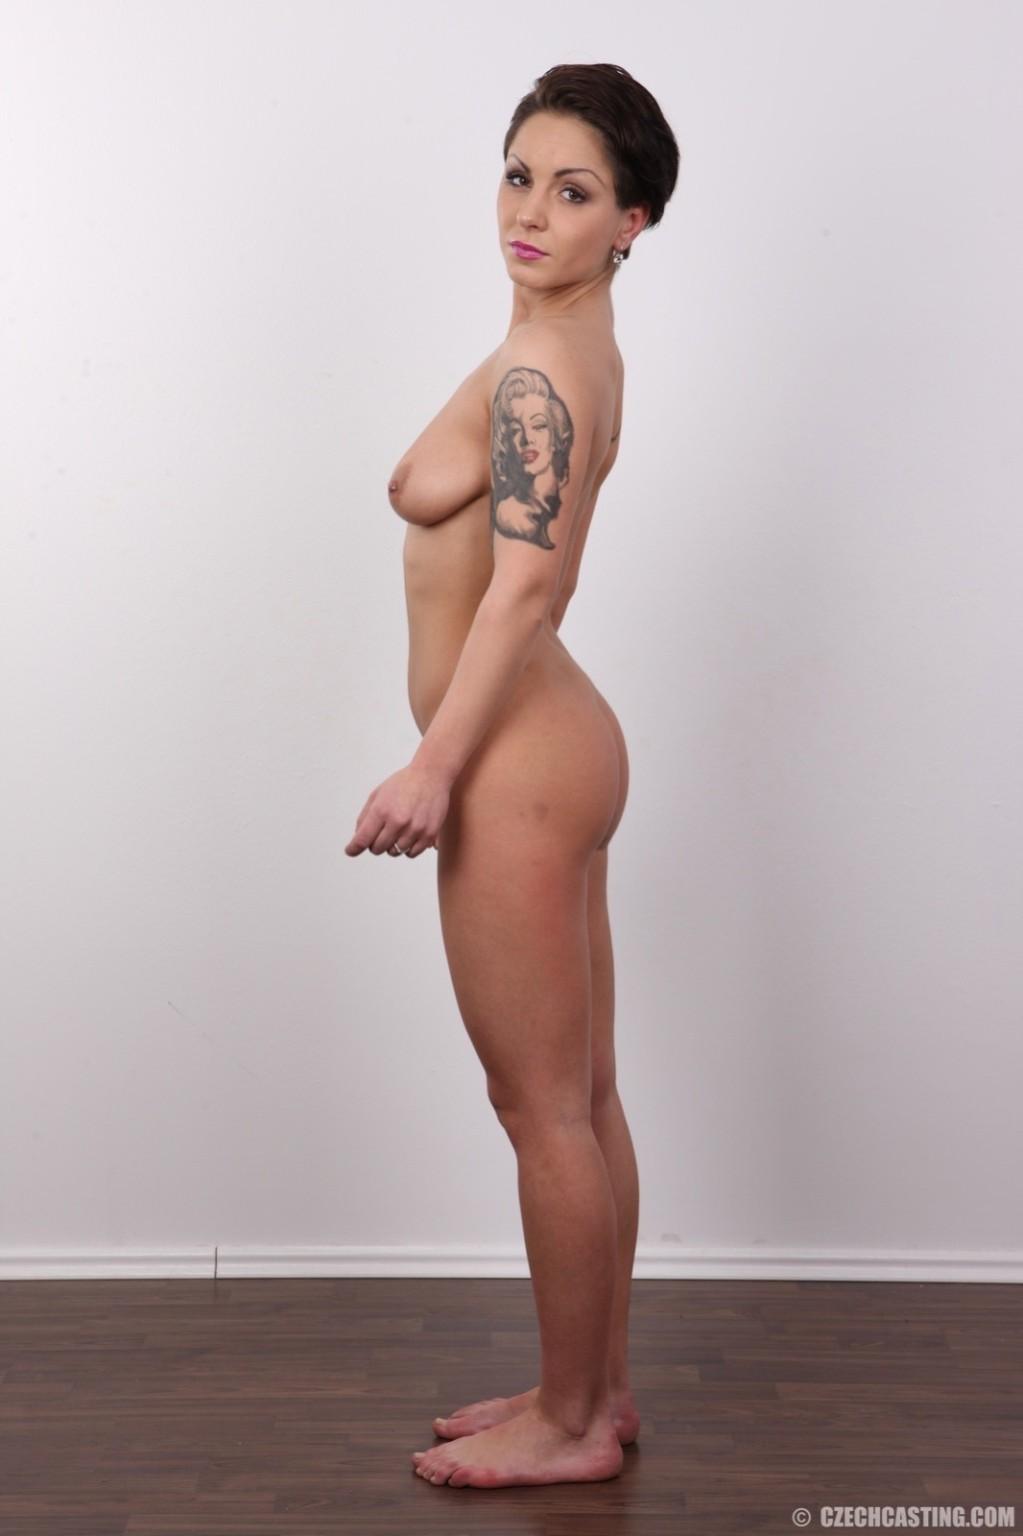 В чешском кастинге участвует девушка, которая демонстрирует свои татуировки на обнаженном теле